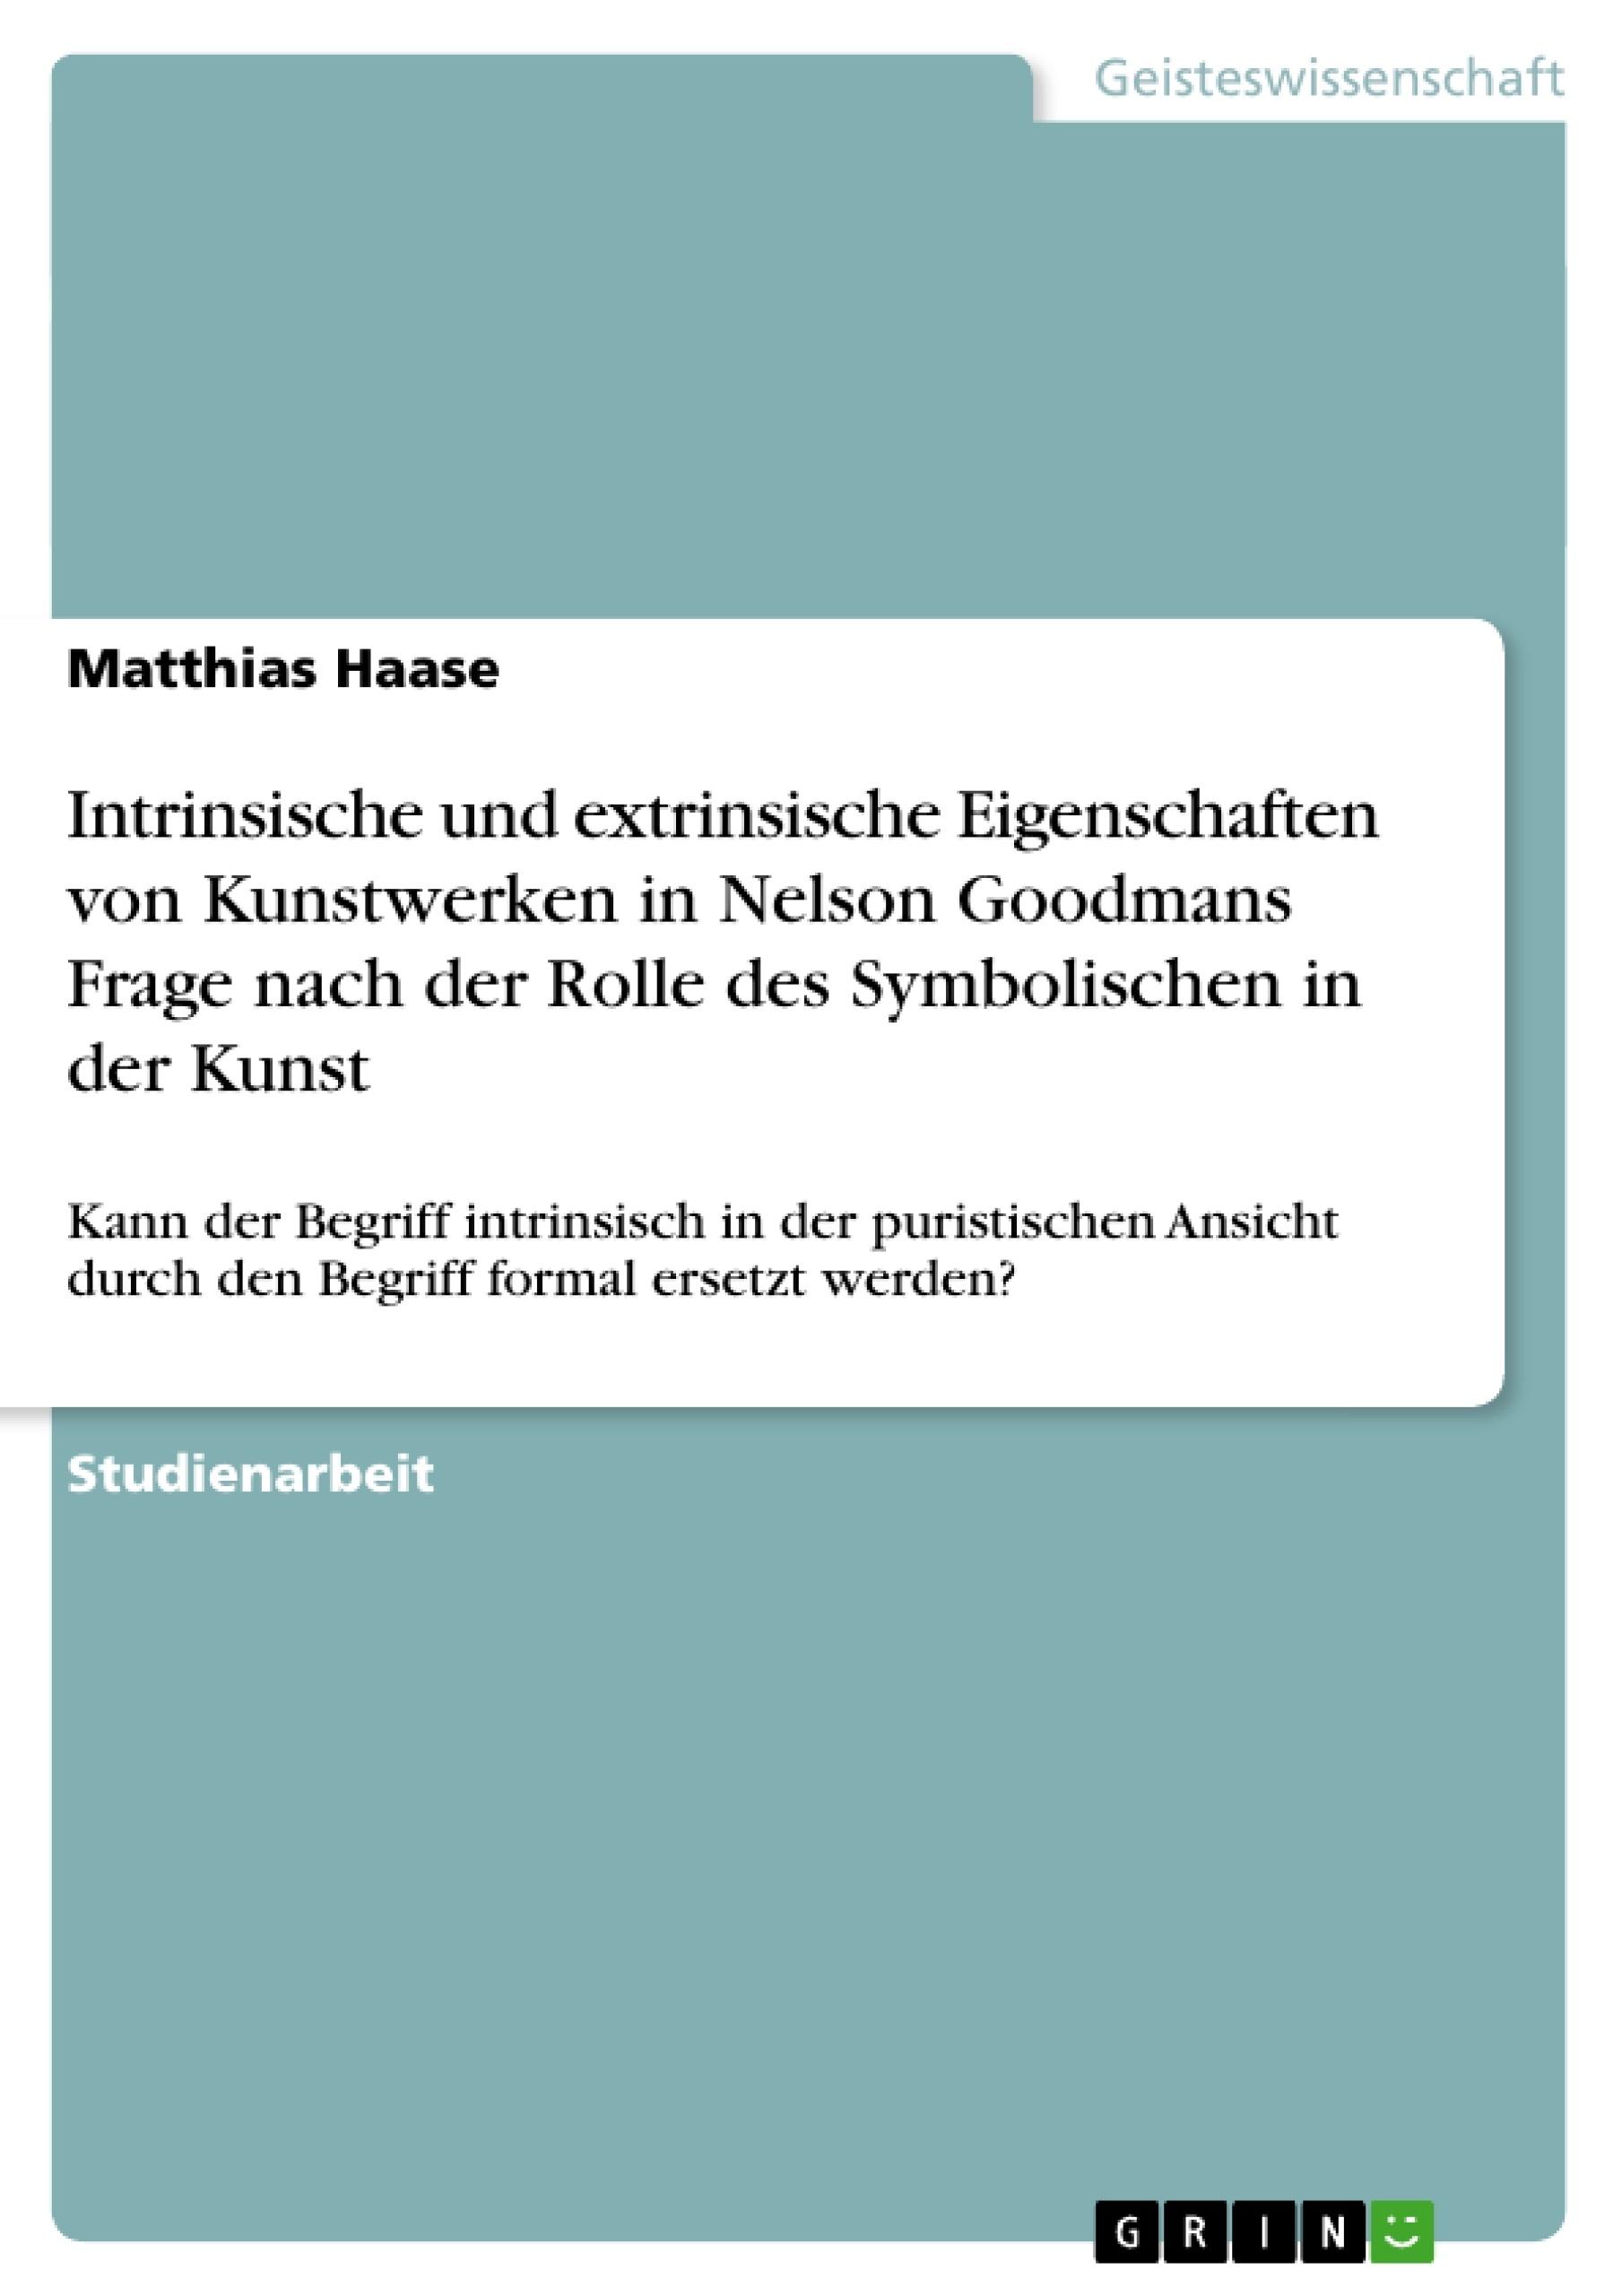 Titel: Intrinsische und extrinsische Eigenschaften von Kunstwerken in Nelson Goodmans Frage nach der Rolle des Symbolischen in der Kunst